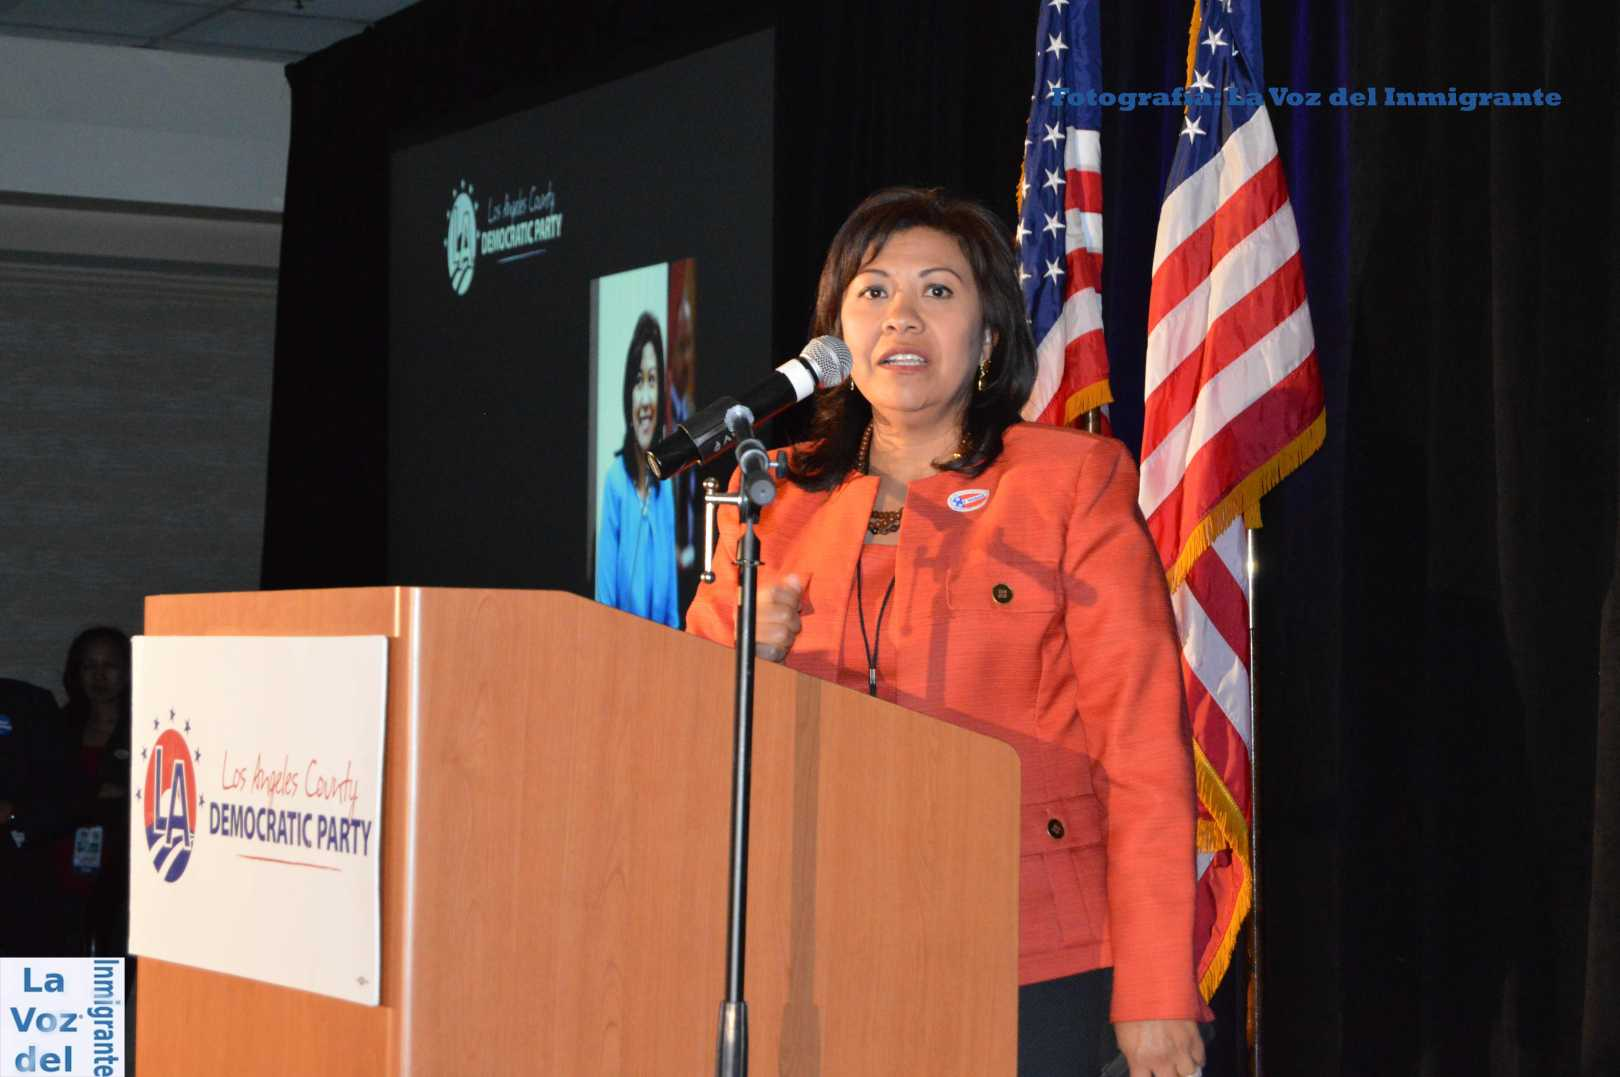 Norma Torres, nacida en Escuintla, Guatemala, es la primera mujer centroamericana en ser electa al Congreso de los Estados Unidos de América. Fotografia: La Voz